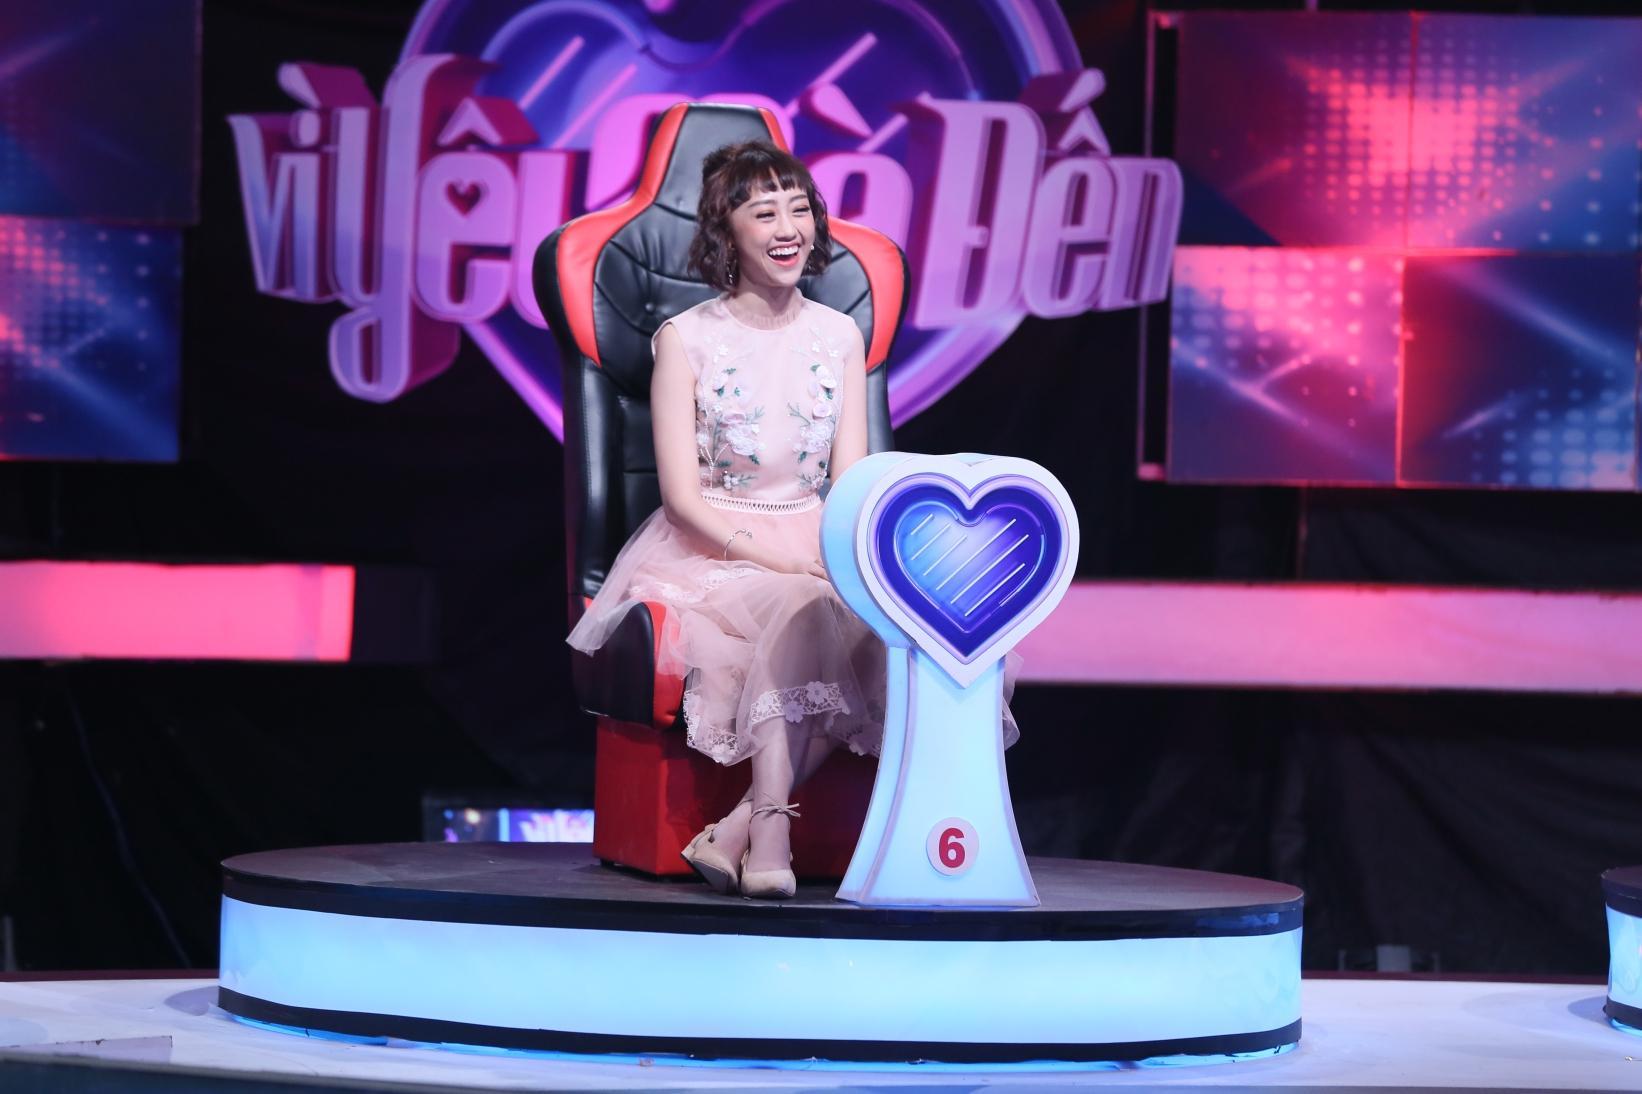 Vì yêu mà đến: Tường tận về người yêu, màn tỏ tình của chàng trai Thái Nguyên khiến dàn hot girl đồng loạt rơi nước mắt-2